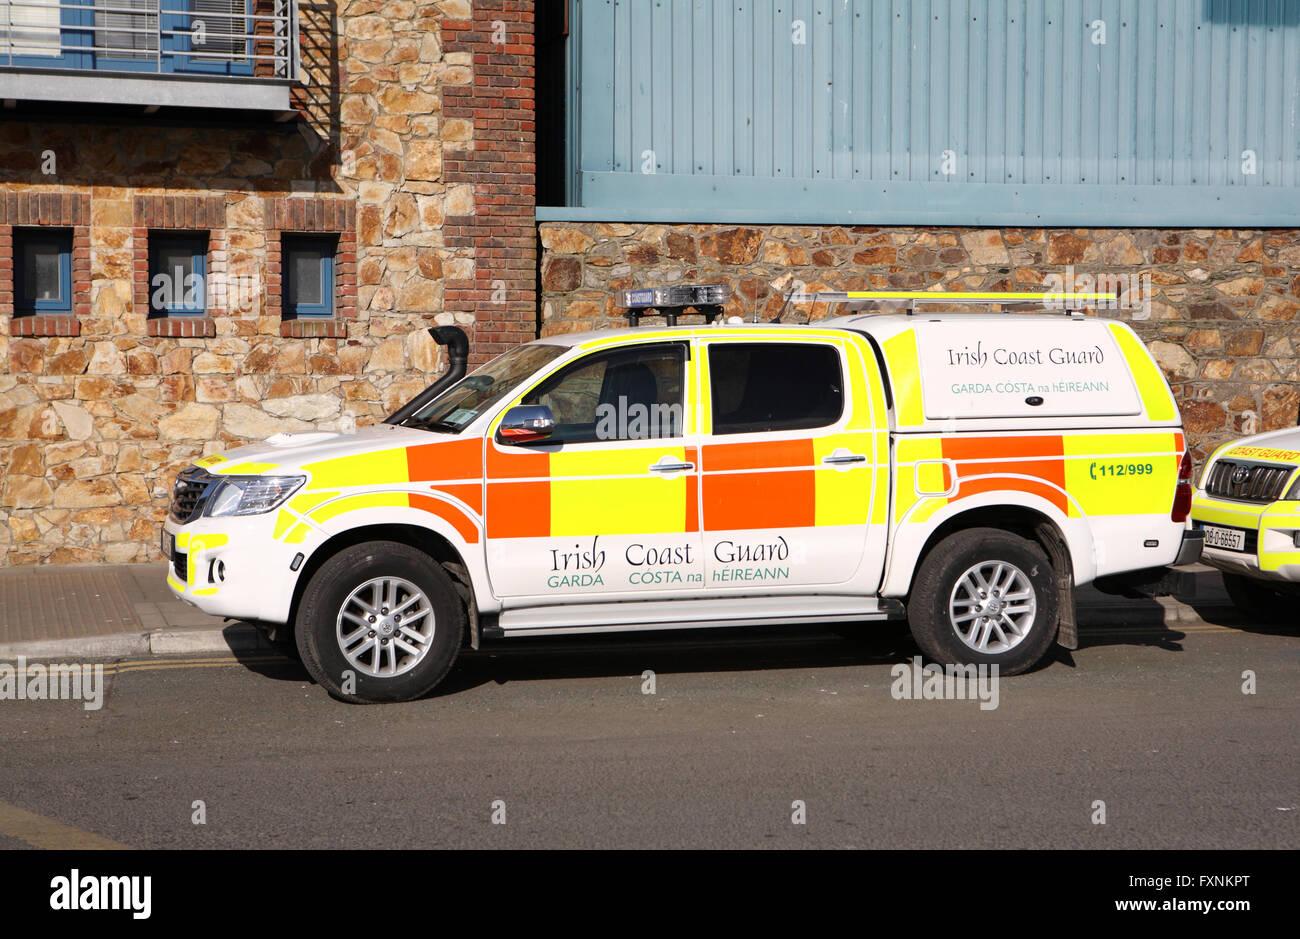 Irish coast guard rescue vehicle - Stock Image